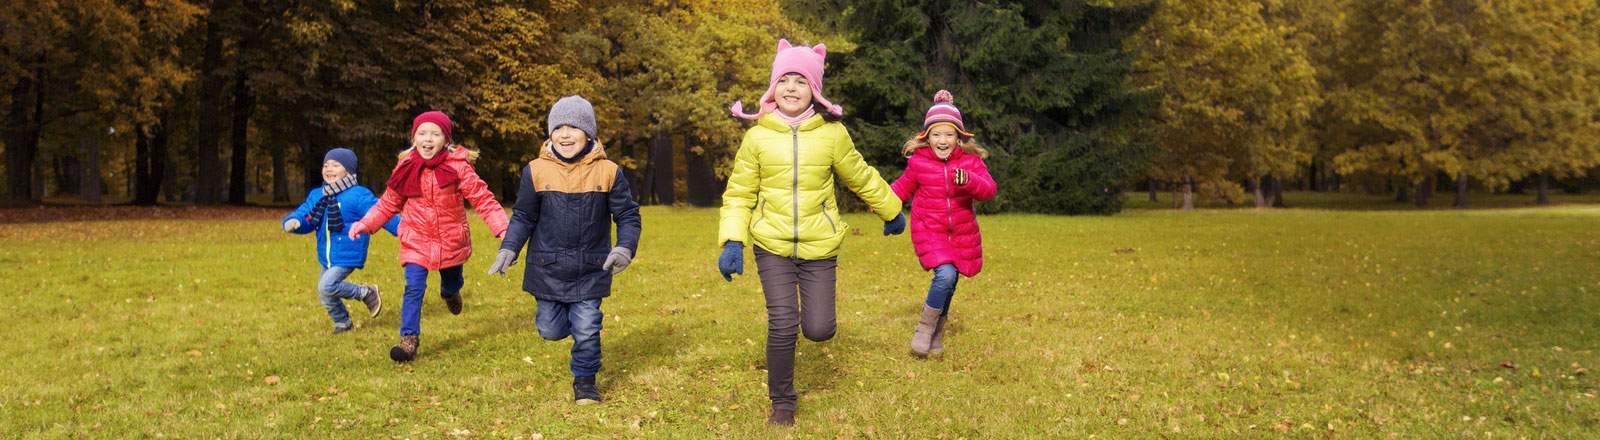 Alivio para el Resfriado y la Mucosidad Infantiles